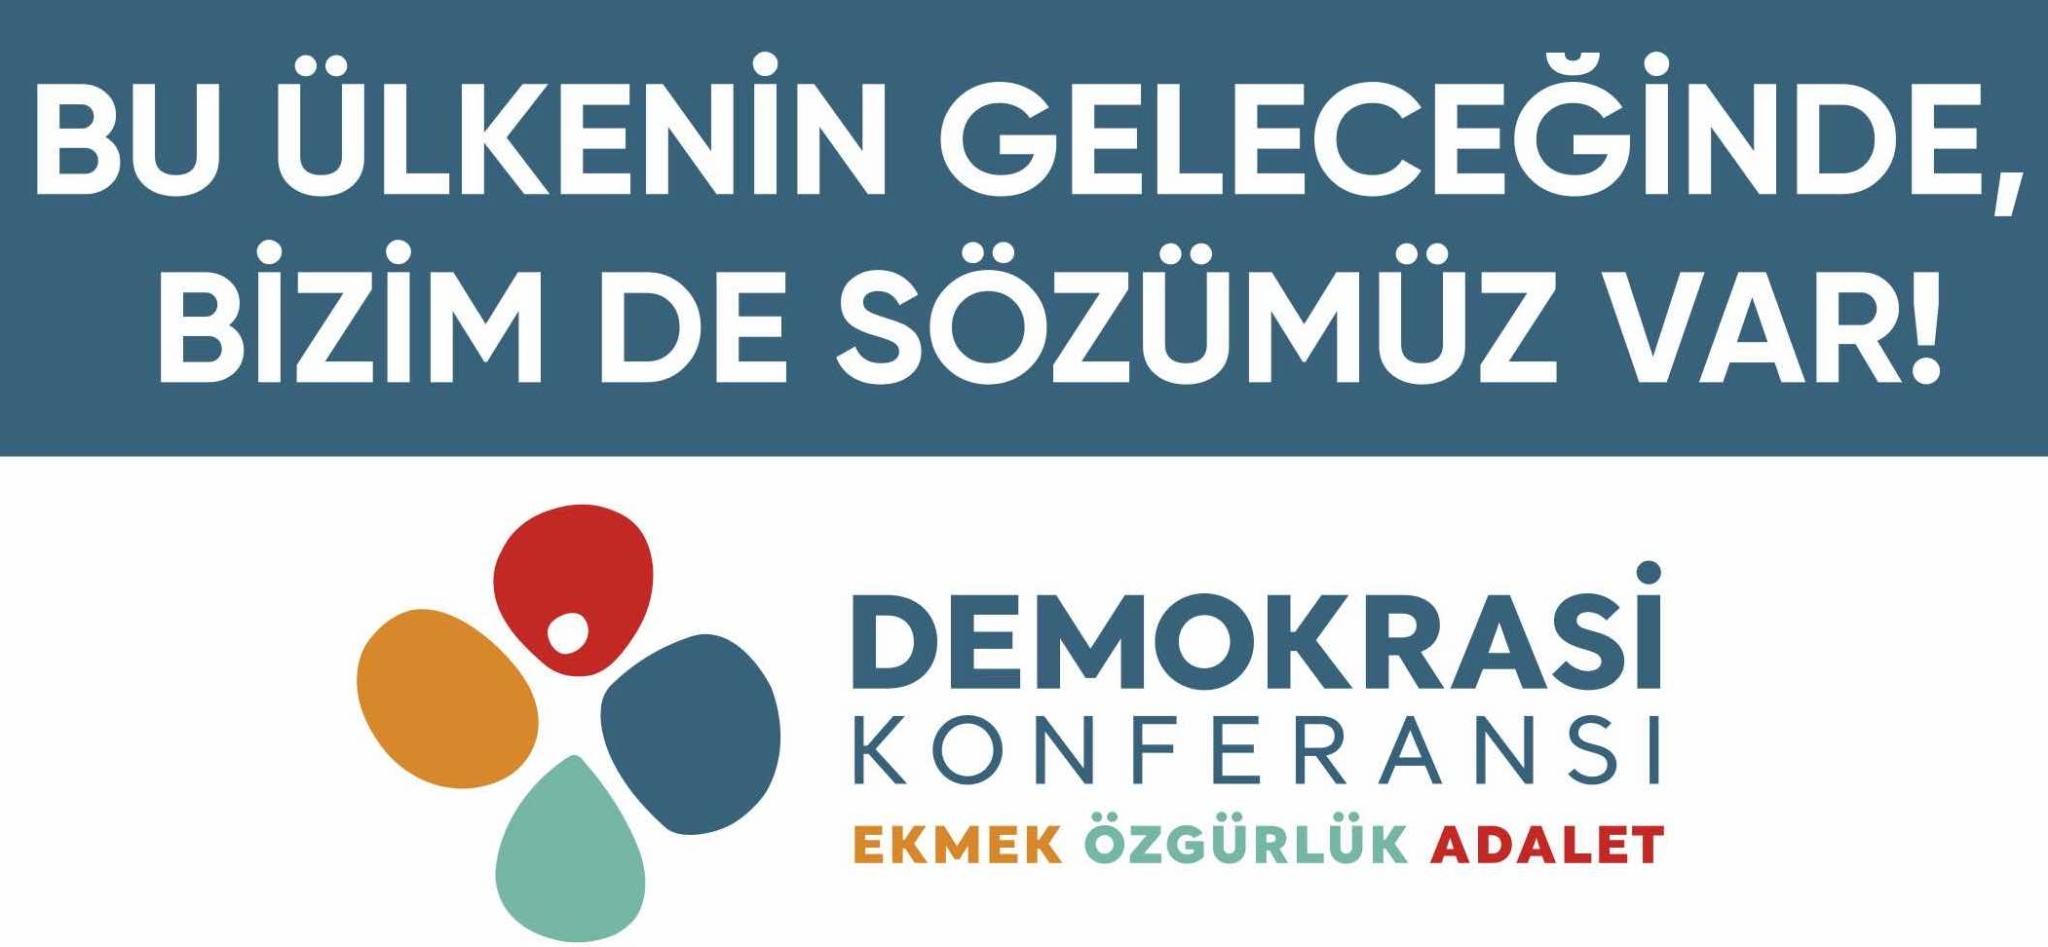 Halkın seçeneği için: Demokrasi Konferansı'nda buluşalım – Perihan Koca (El Yazmaları)